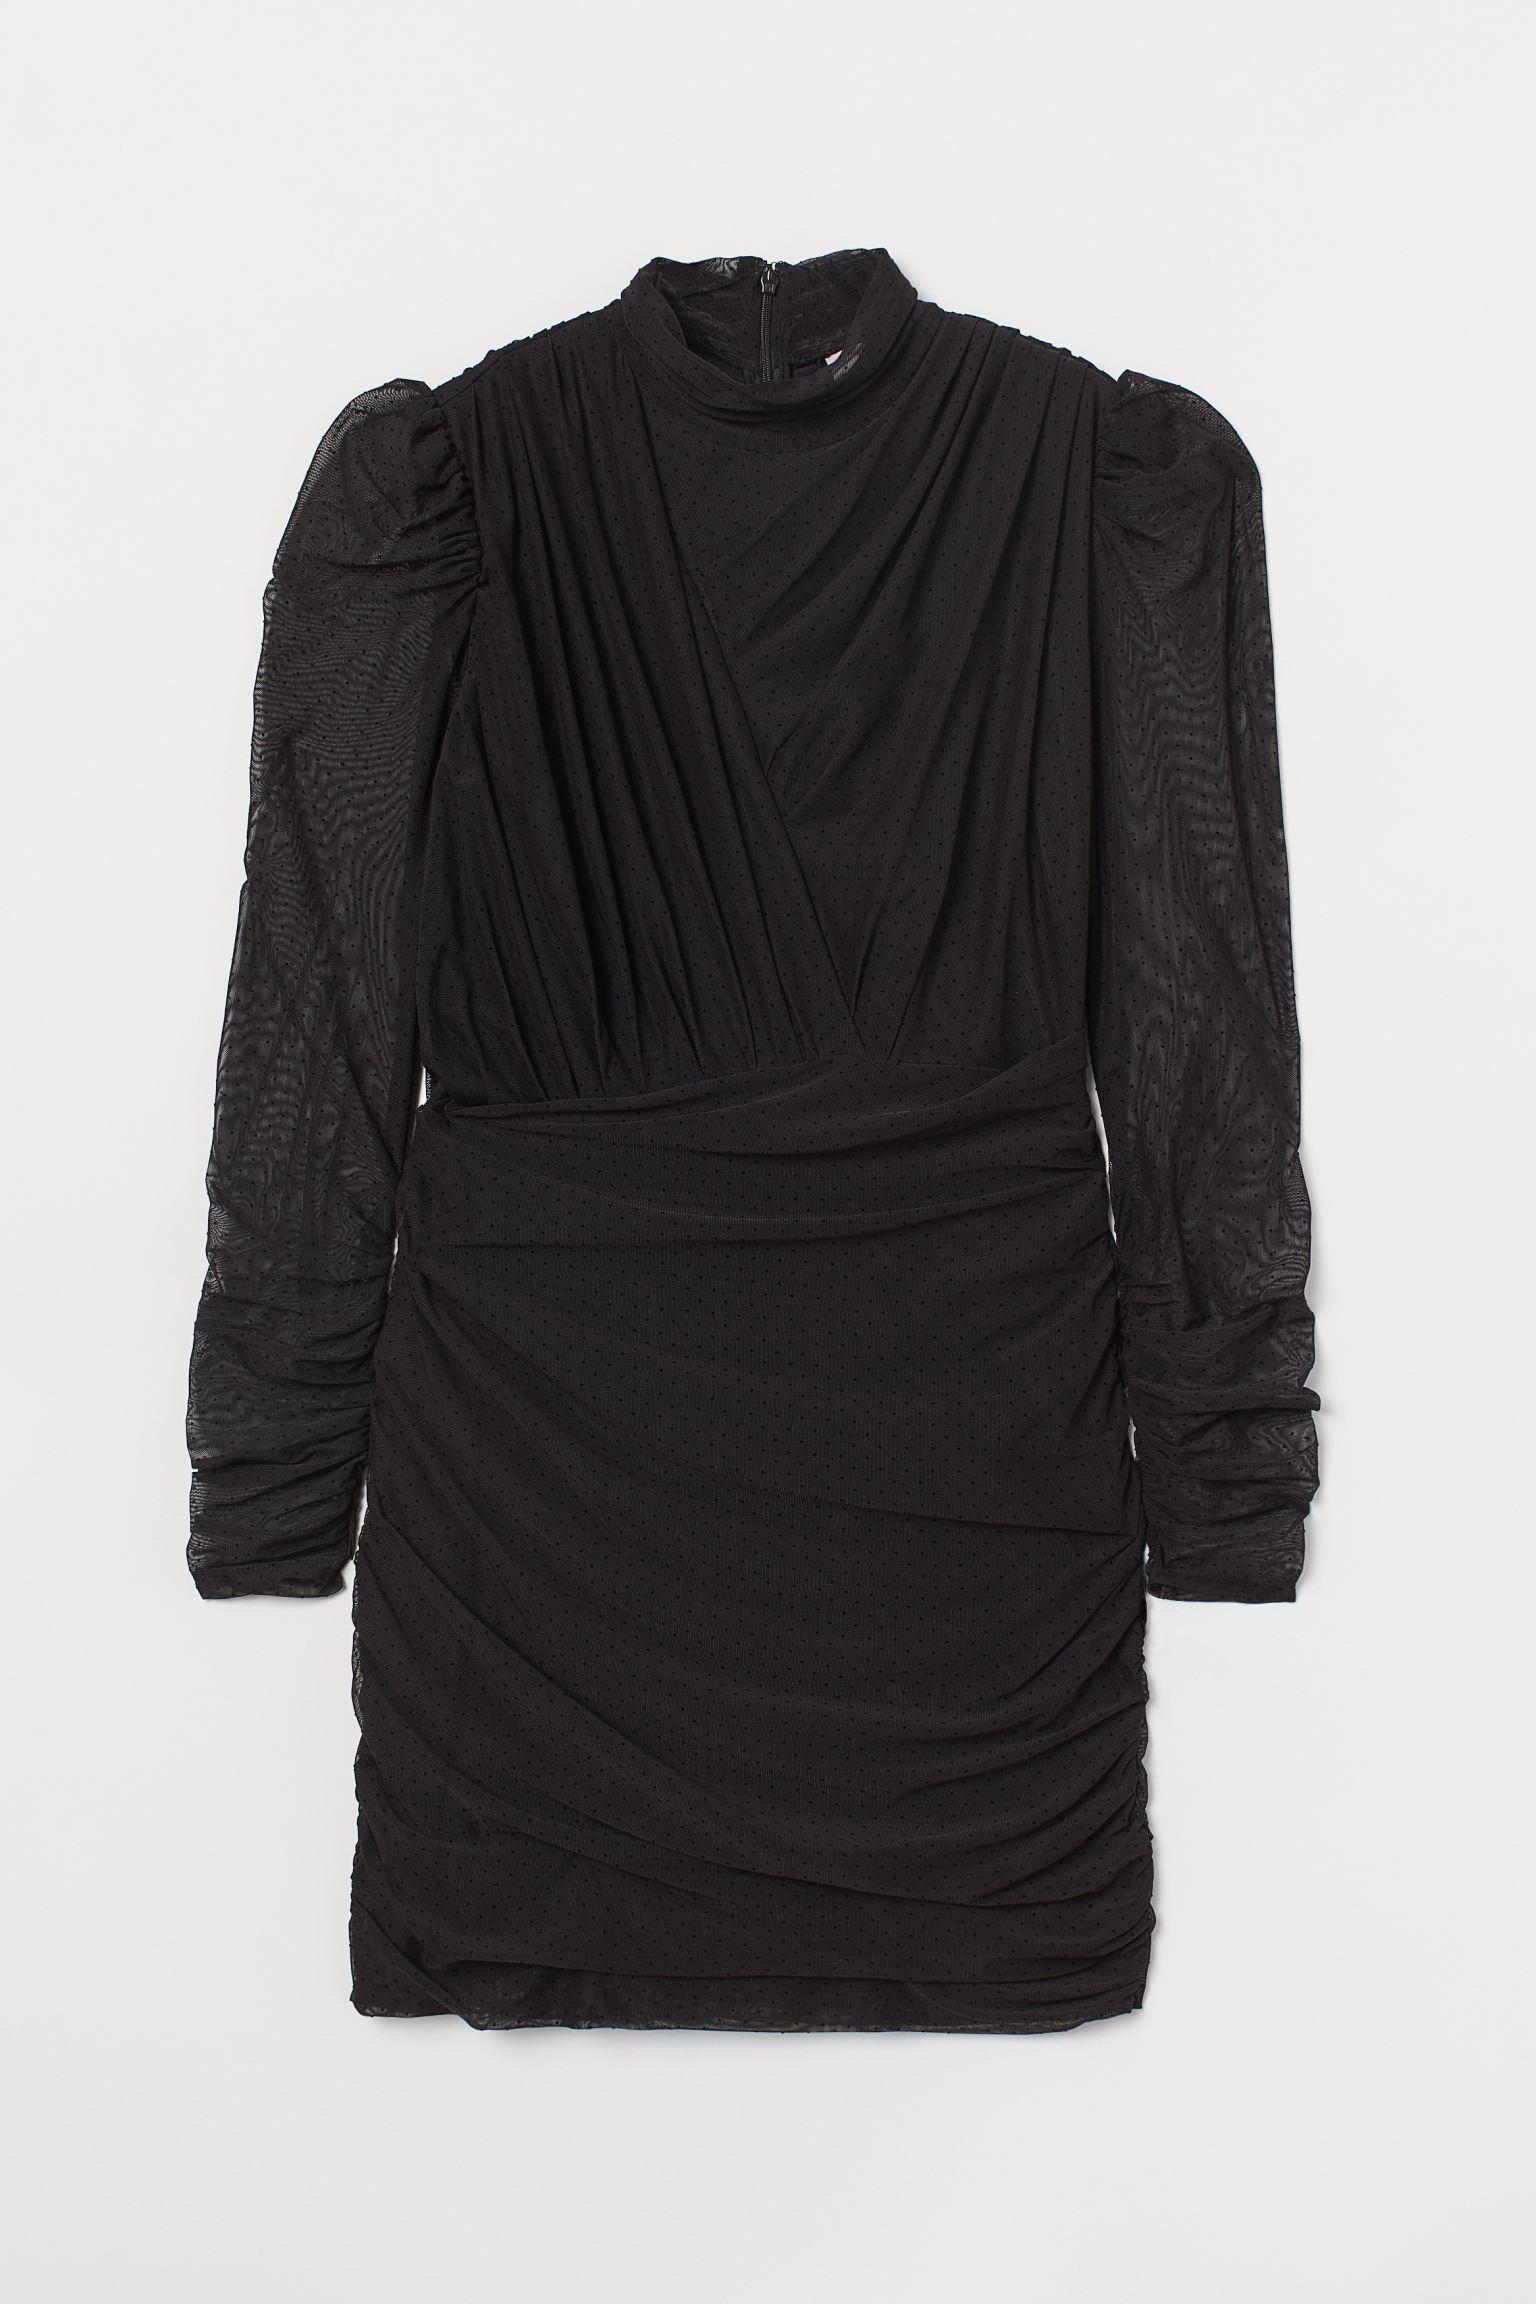 Vestido entallado corto en punto drapeado. Modelo de manga larga con cuello elevado y cremallera oculta en la espalda.